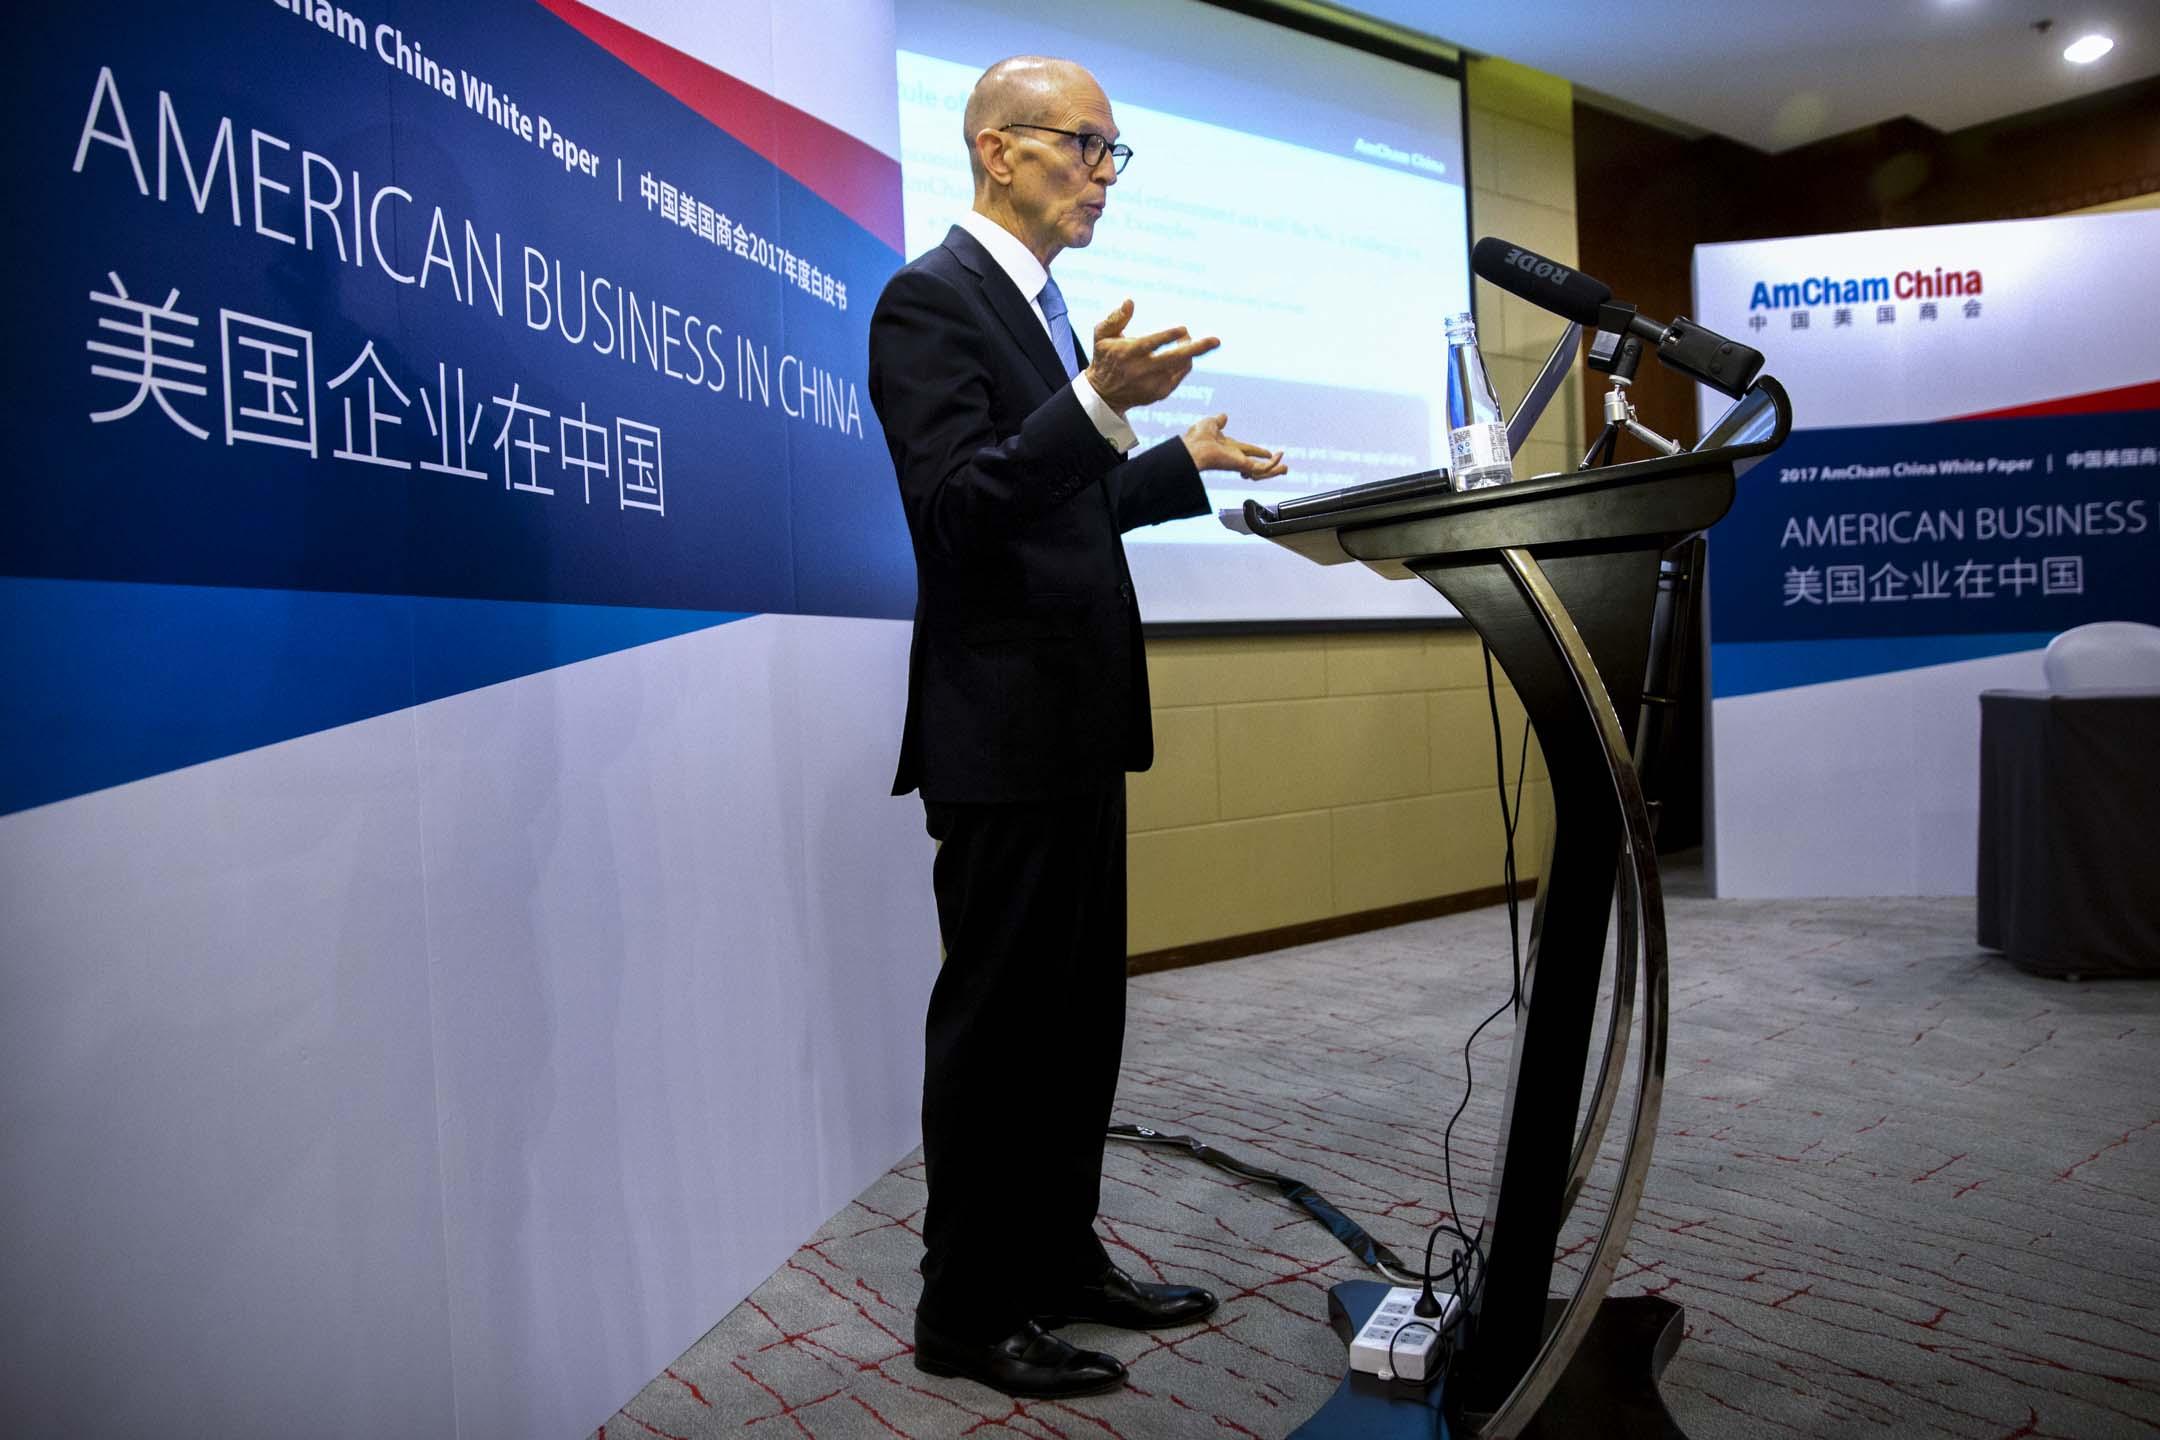 2017年4月18日,美國商會主席William Zarit在北京舉行的記者會。